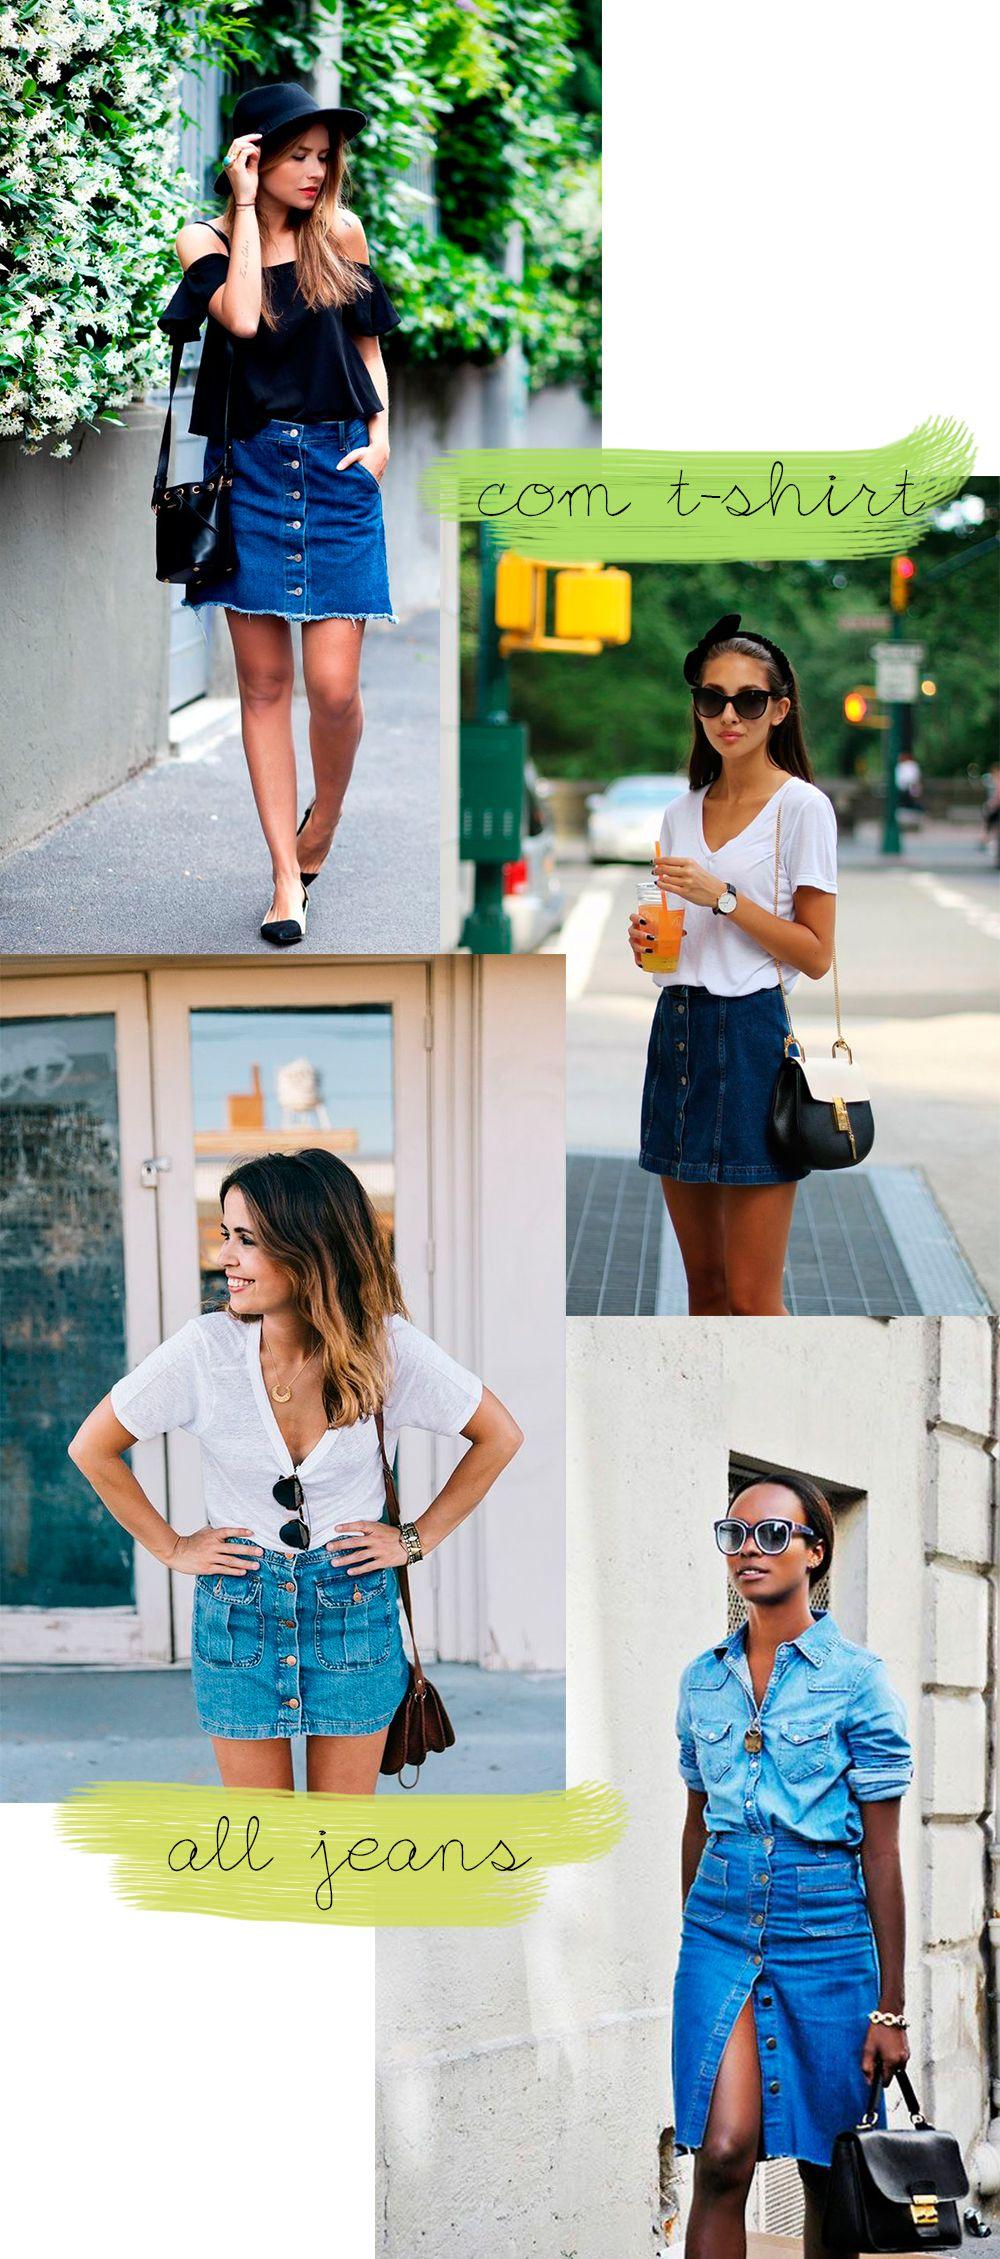 Como usar saia jeans com botões #saia #jeans #trend #howtowear #comousar #skirt #buttons #ritaheroina